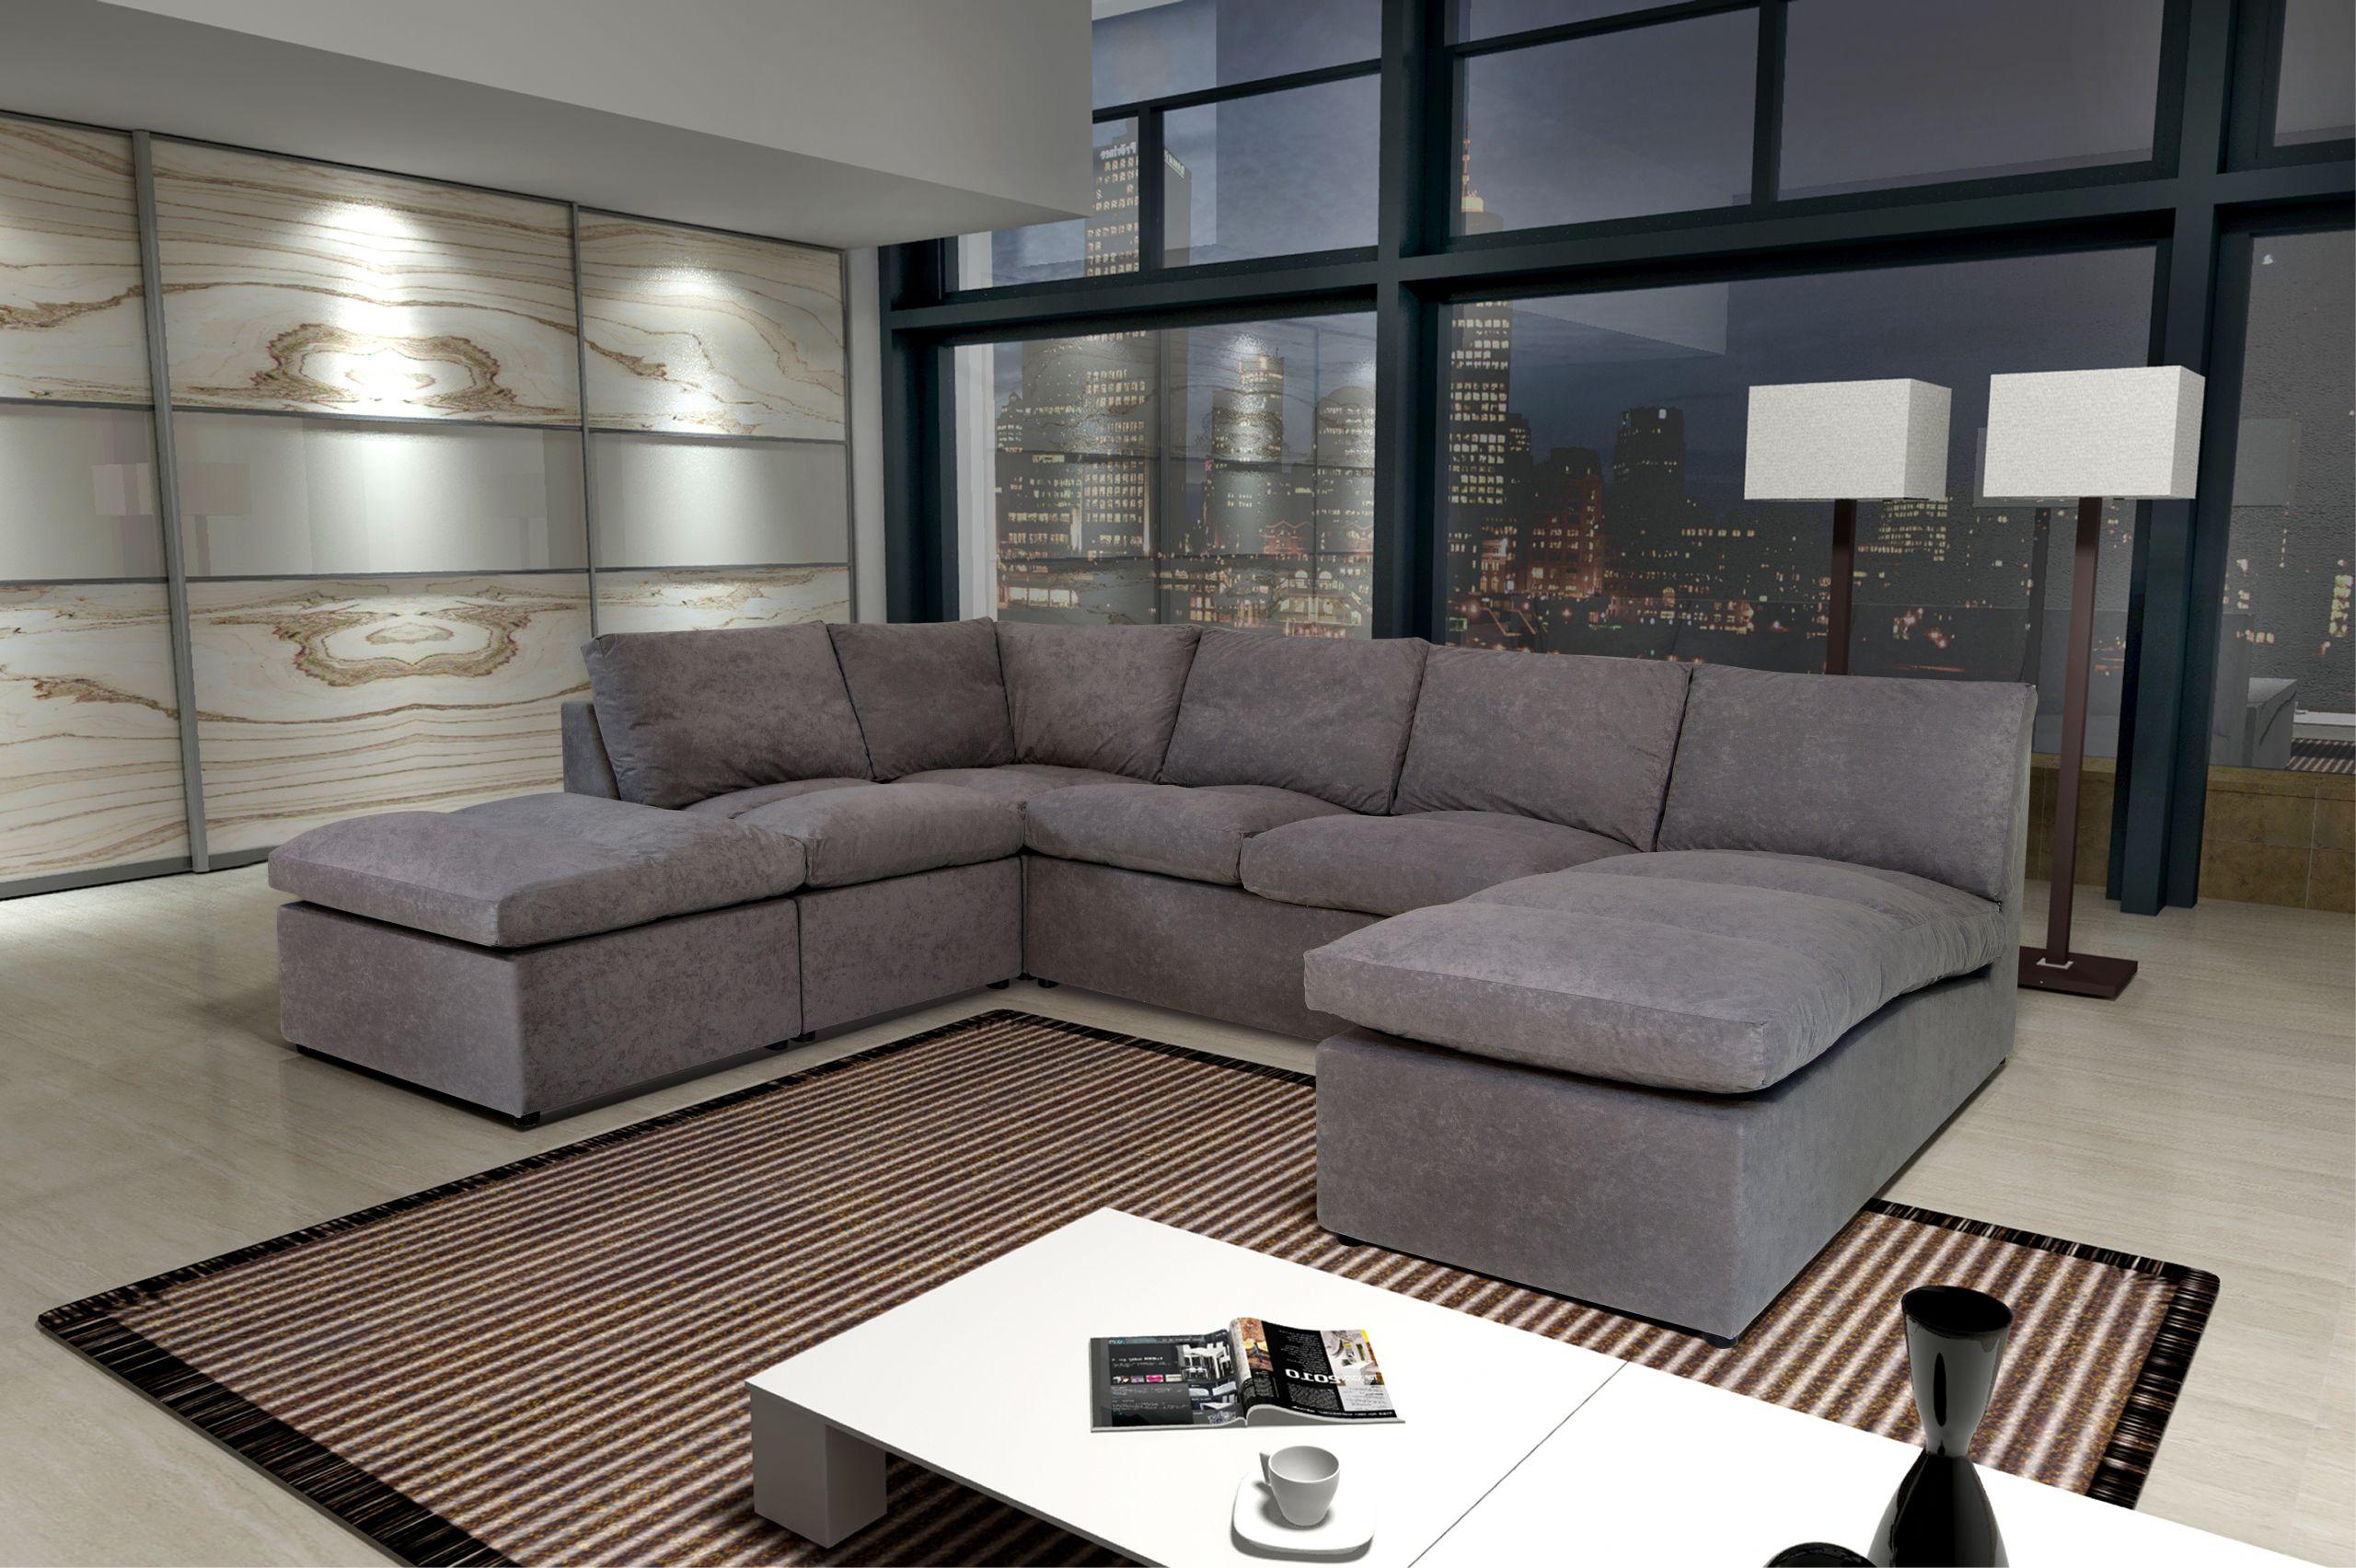 Canapé Avanti gris 8 places modulable canapé sofa divan